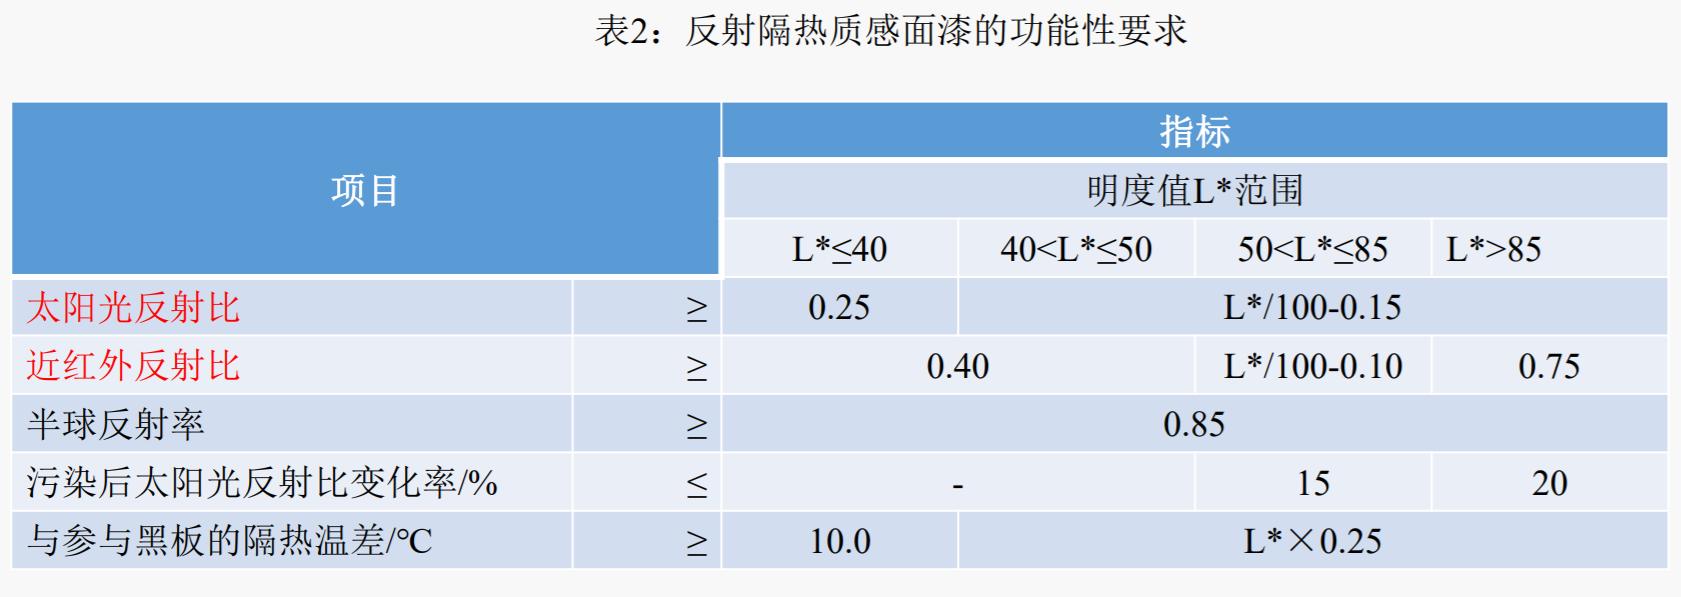 表2:反射隔热质感面漆的功能性要求